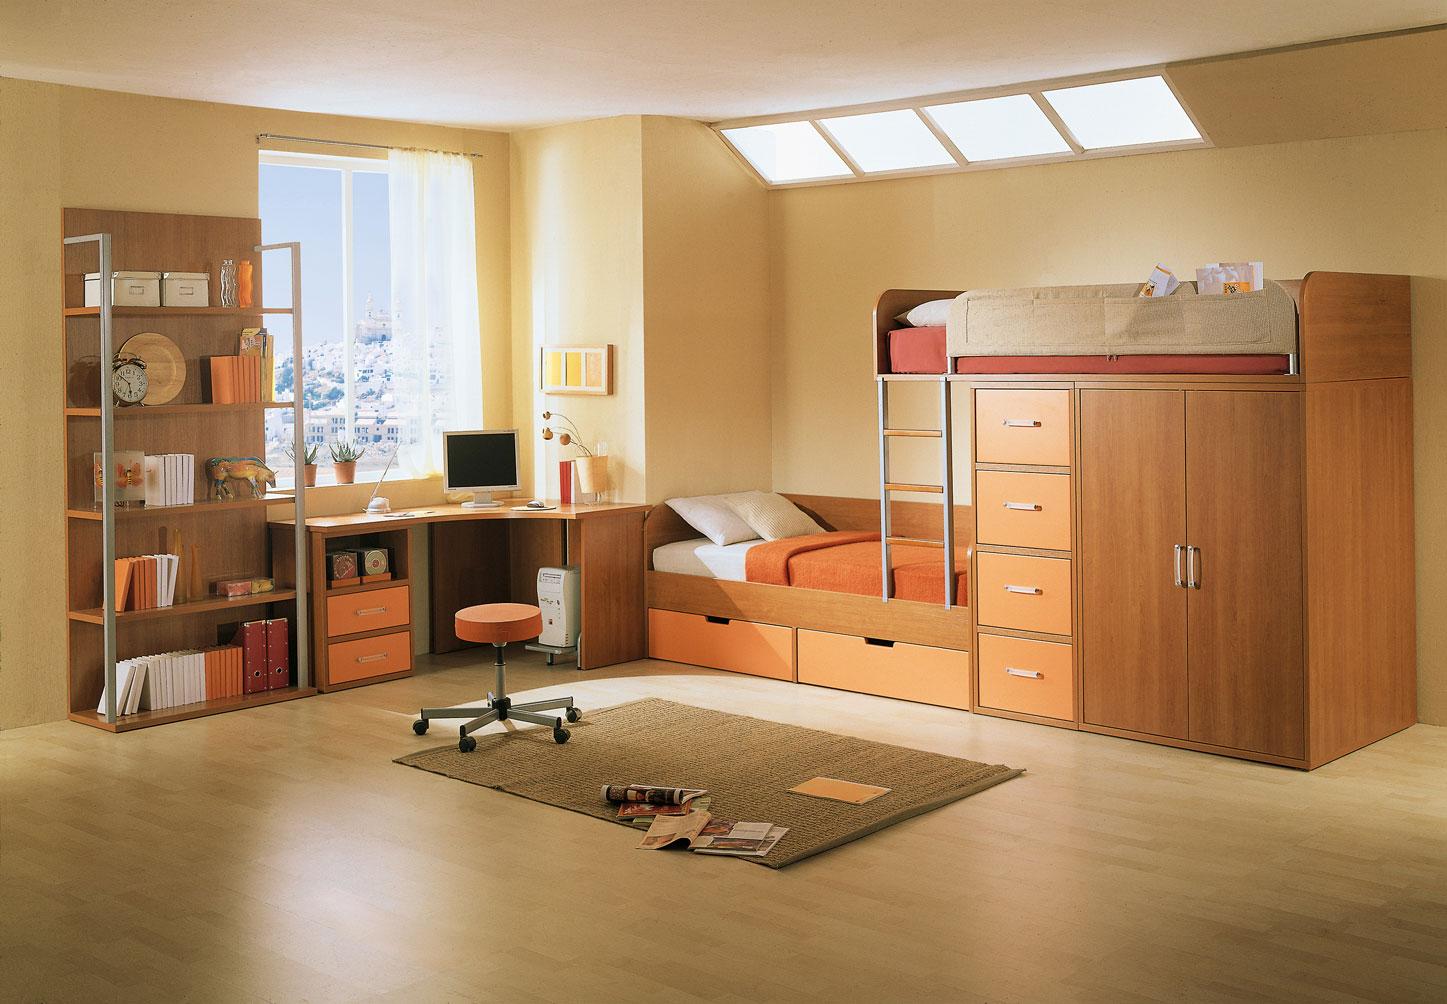 Коричневая мебель для детской комнаты двух мальчиков